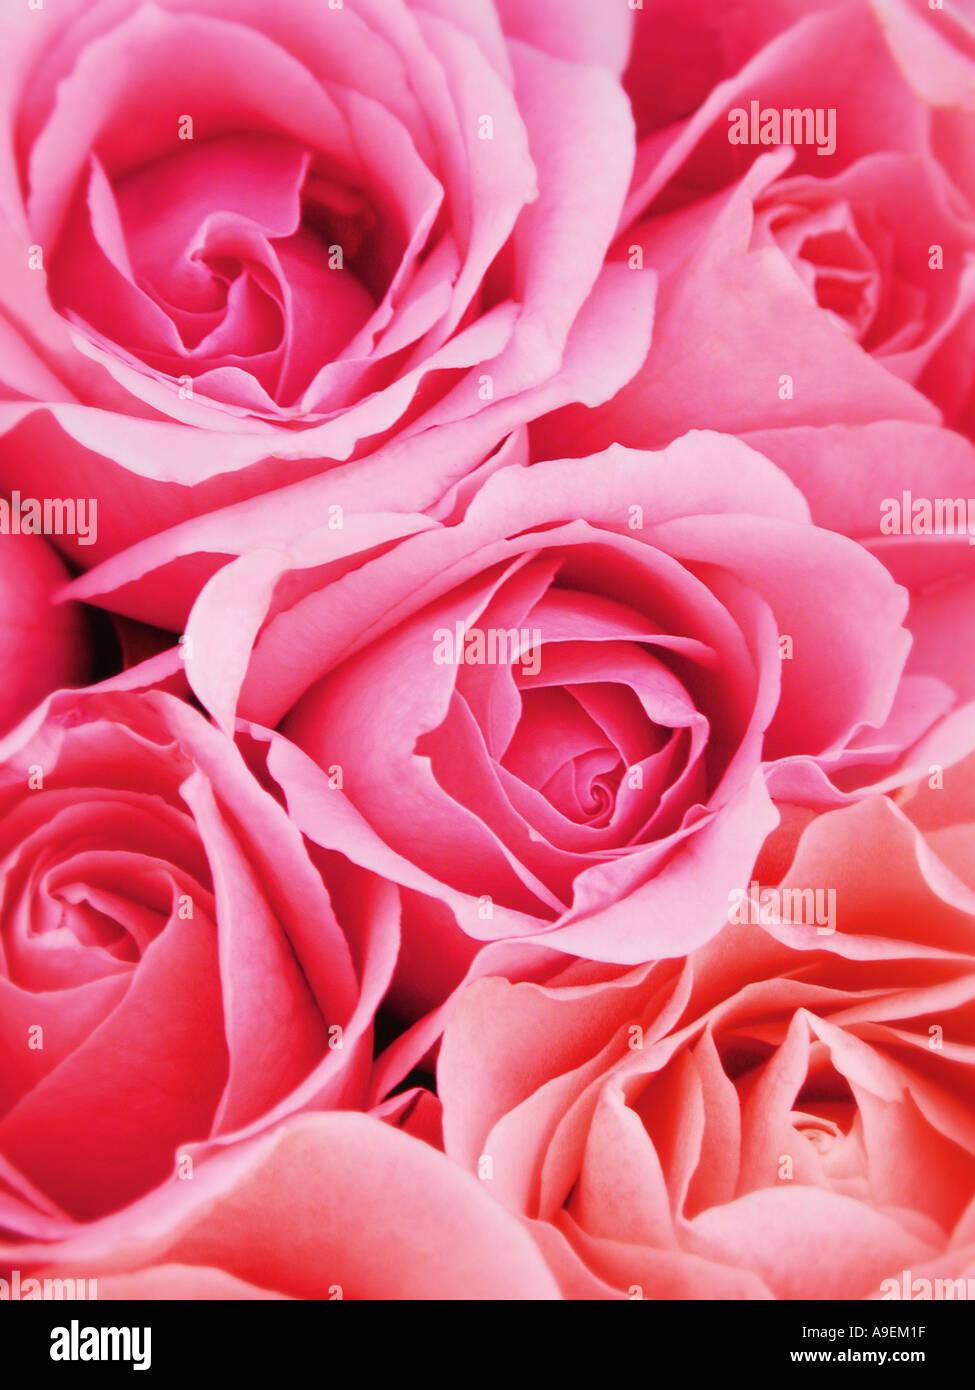 GEMEINSAMEN Namen Rosen lateinischen Namen Rosa Stockbild